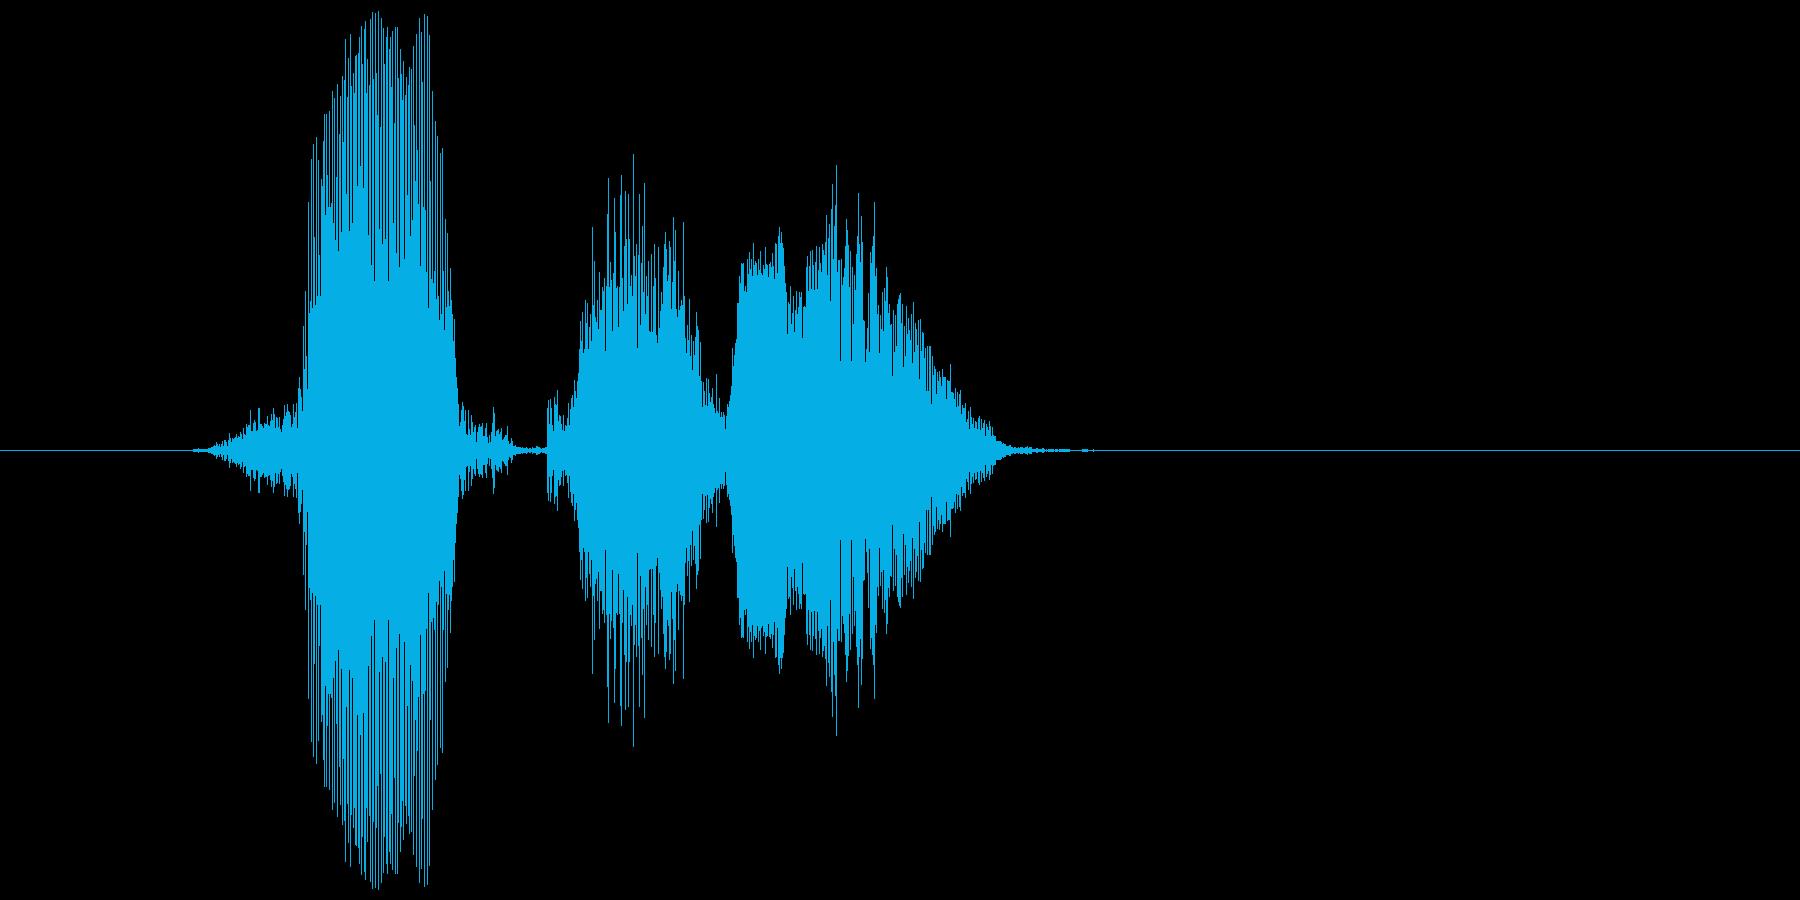 「はくしょん」の再生済みの波形